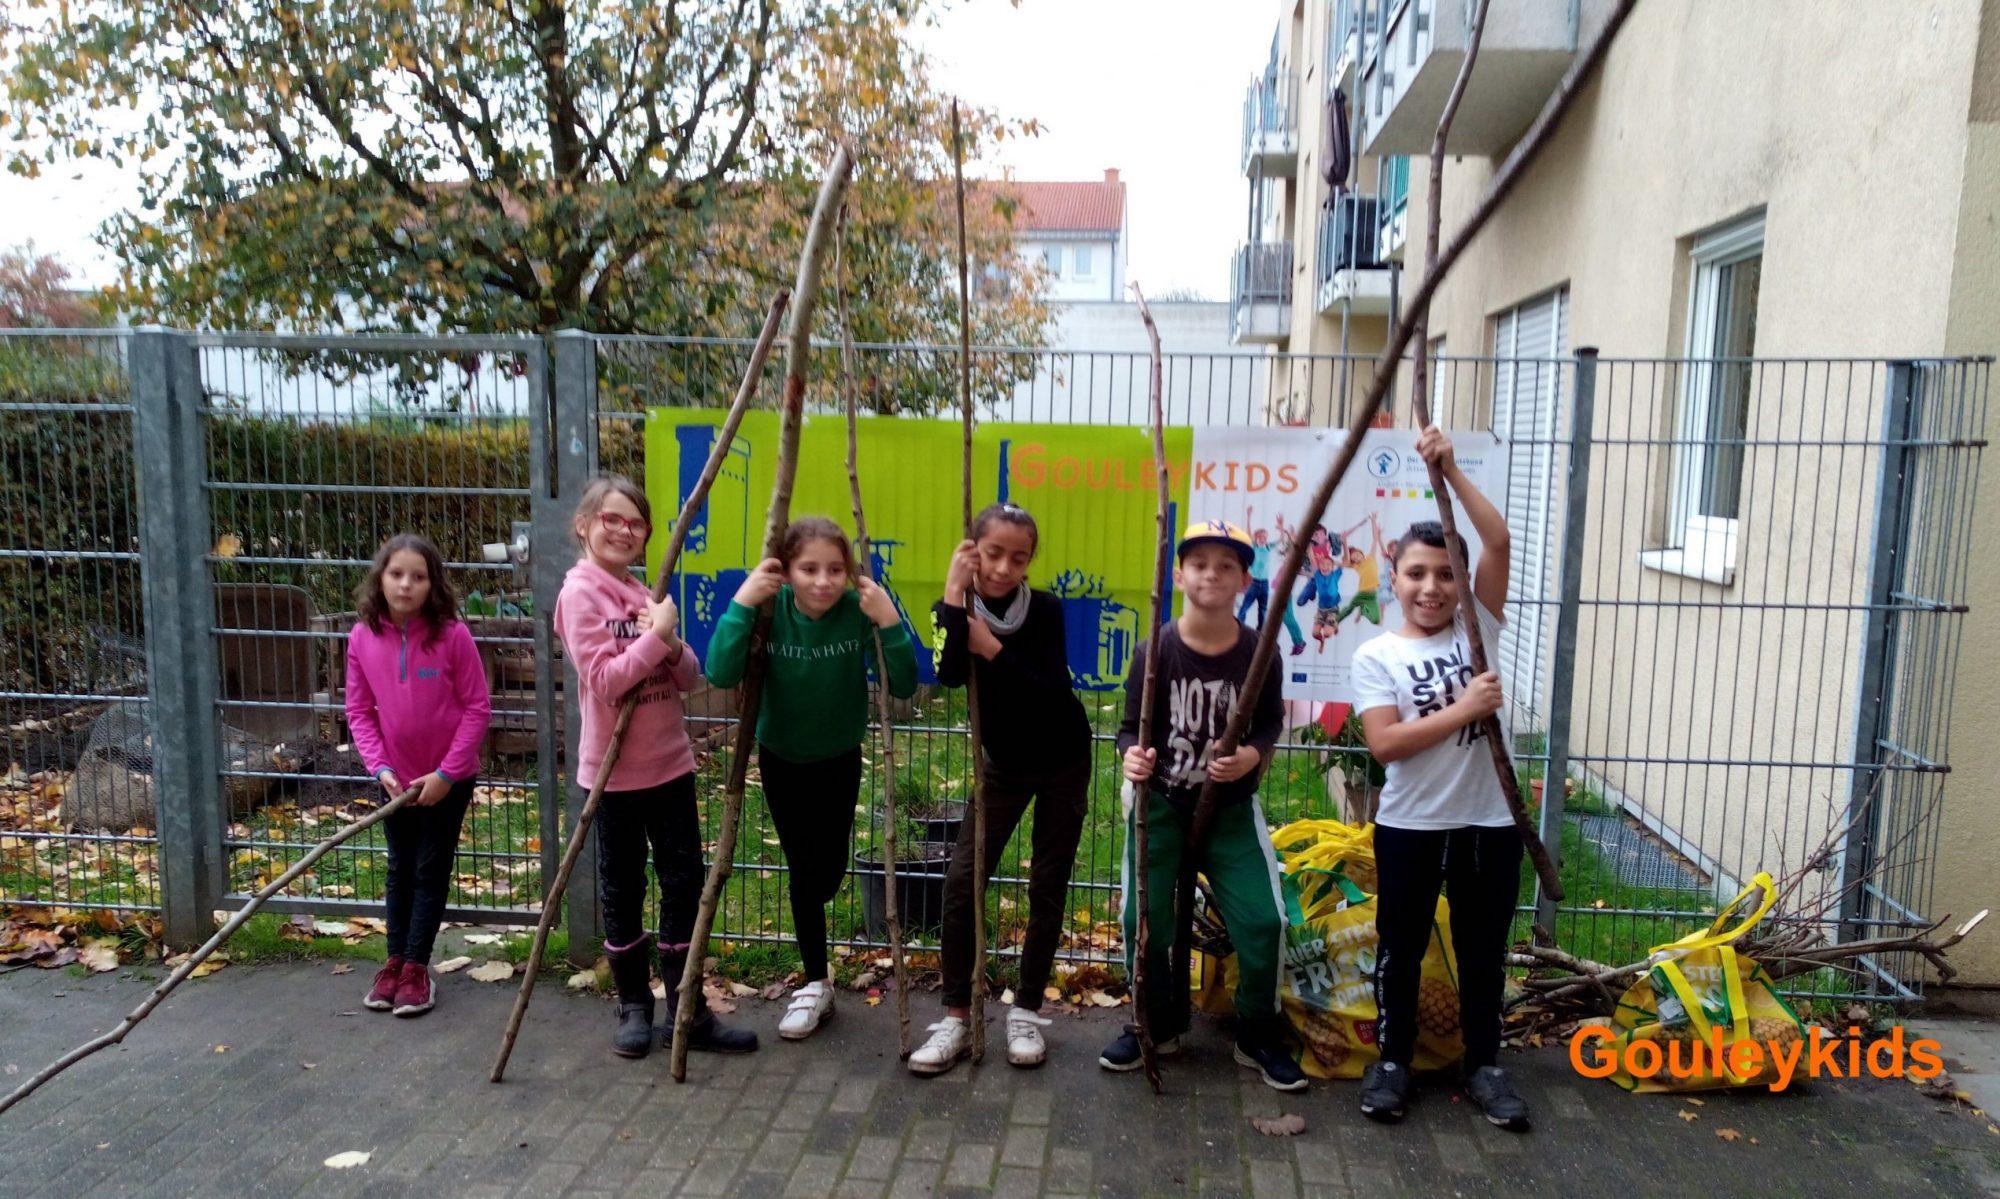 Gesundes Aufwachsen in Morsbach